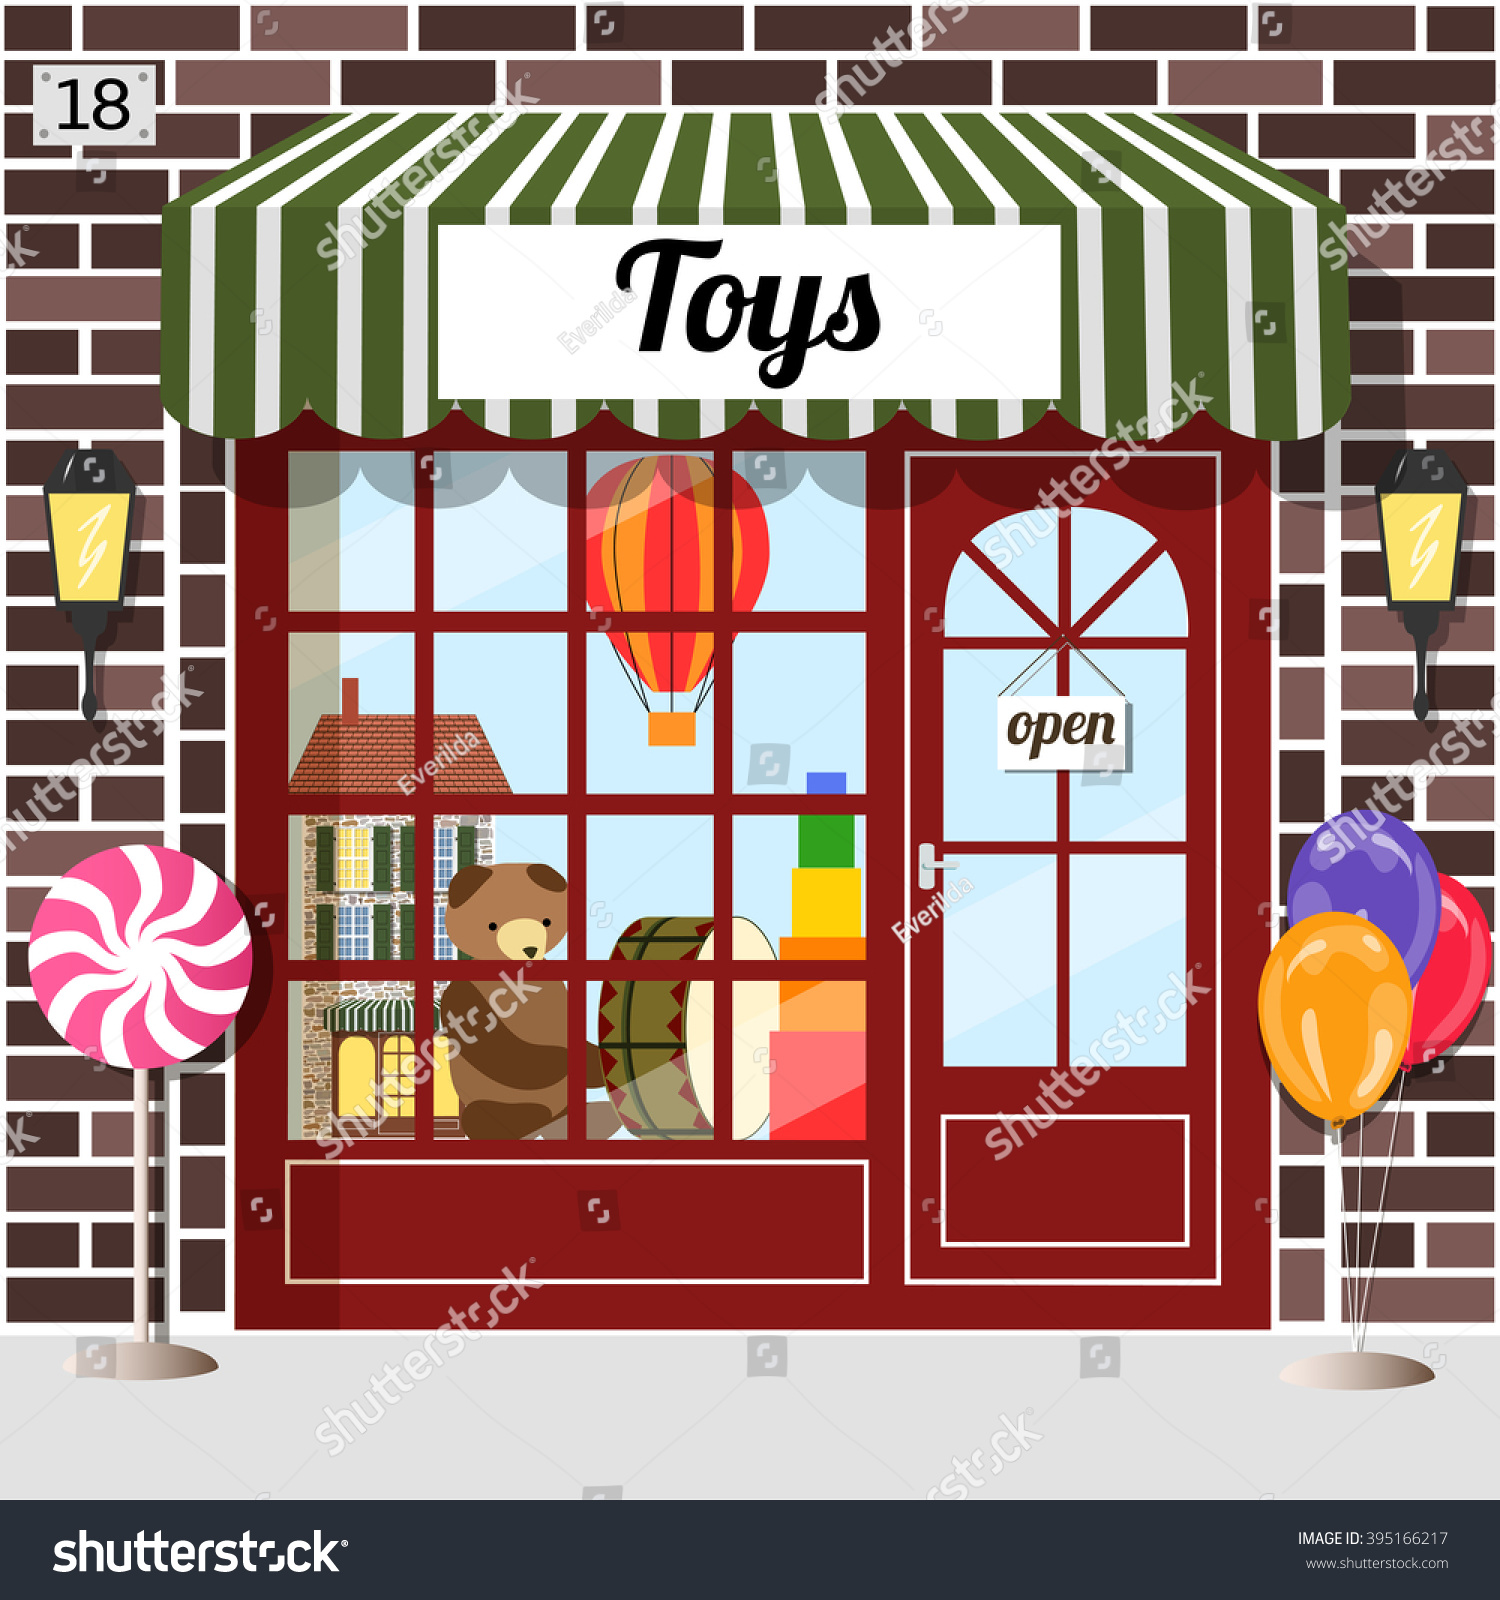 shop window clipart - photo #30